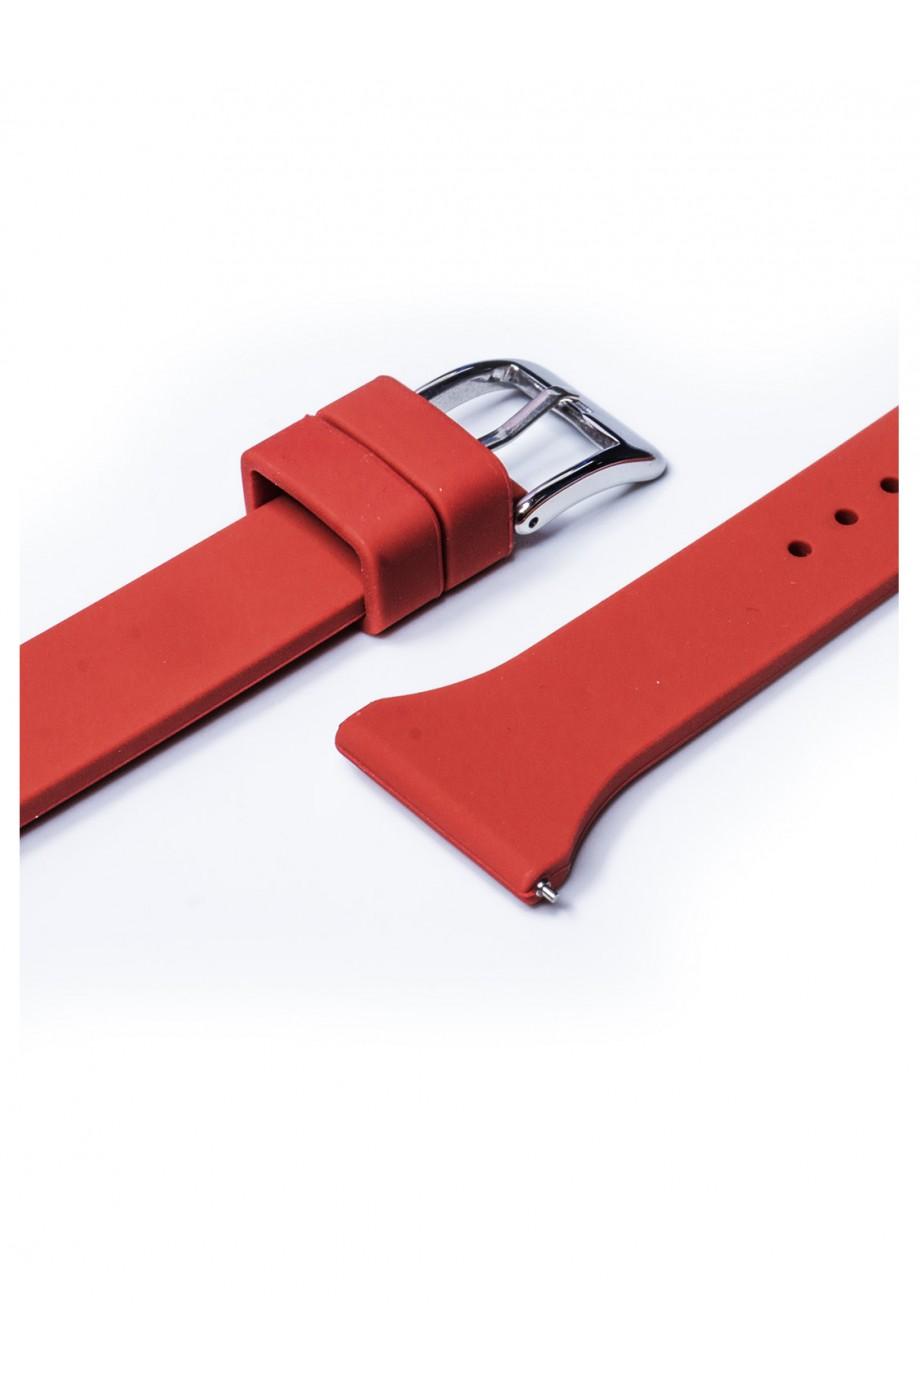 Силиконовый ремешок для Amazfit Stratos 2, 22 мм, застежка пряжка, красный, mkx054